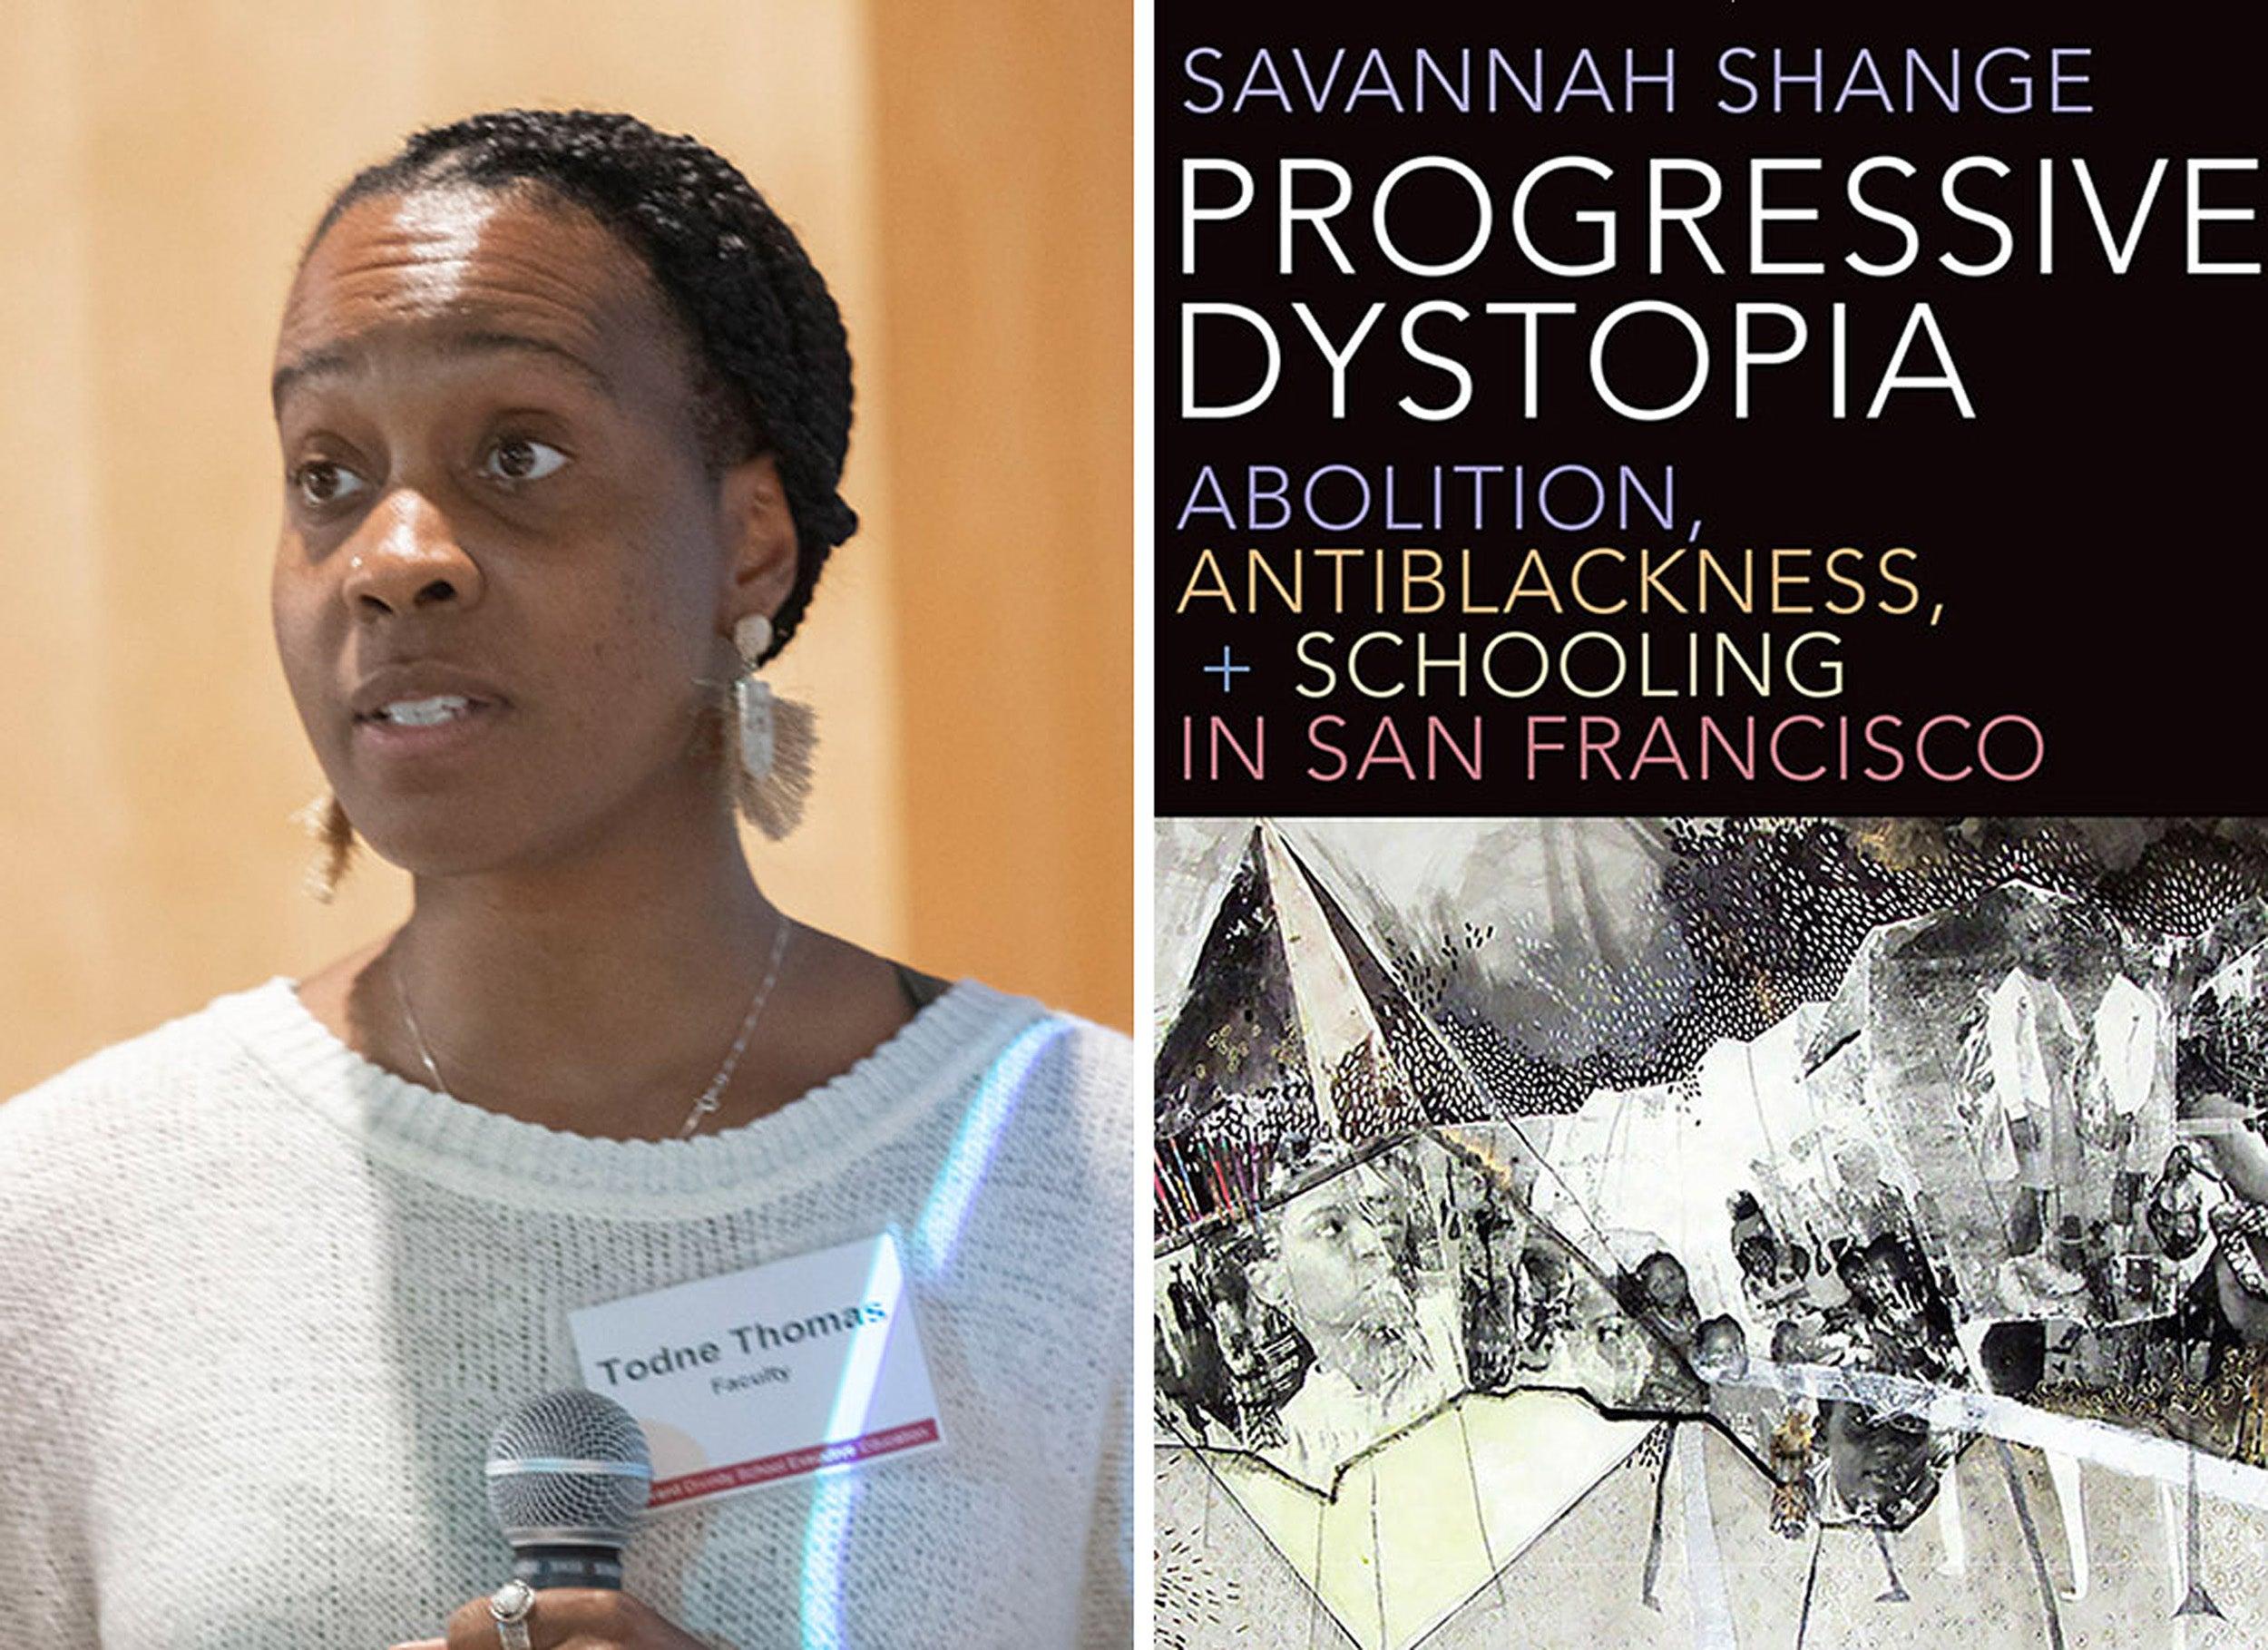 Todne Thomas and Progressive Dystopia book cover.